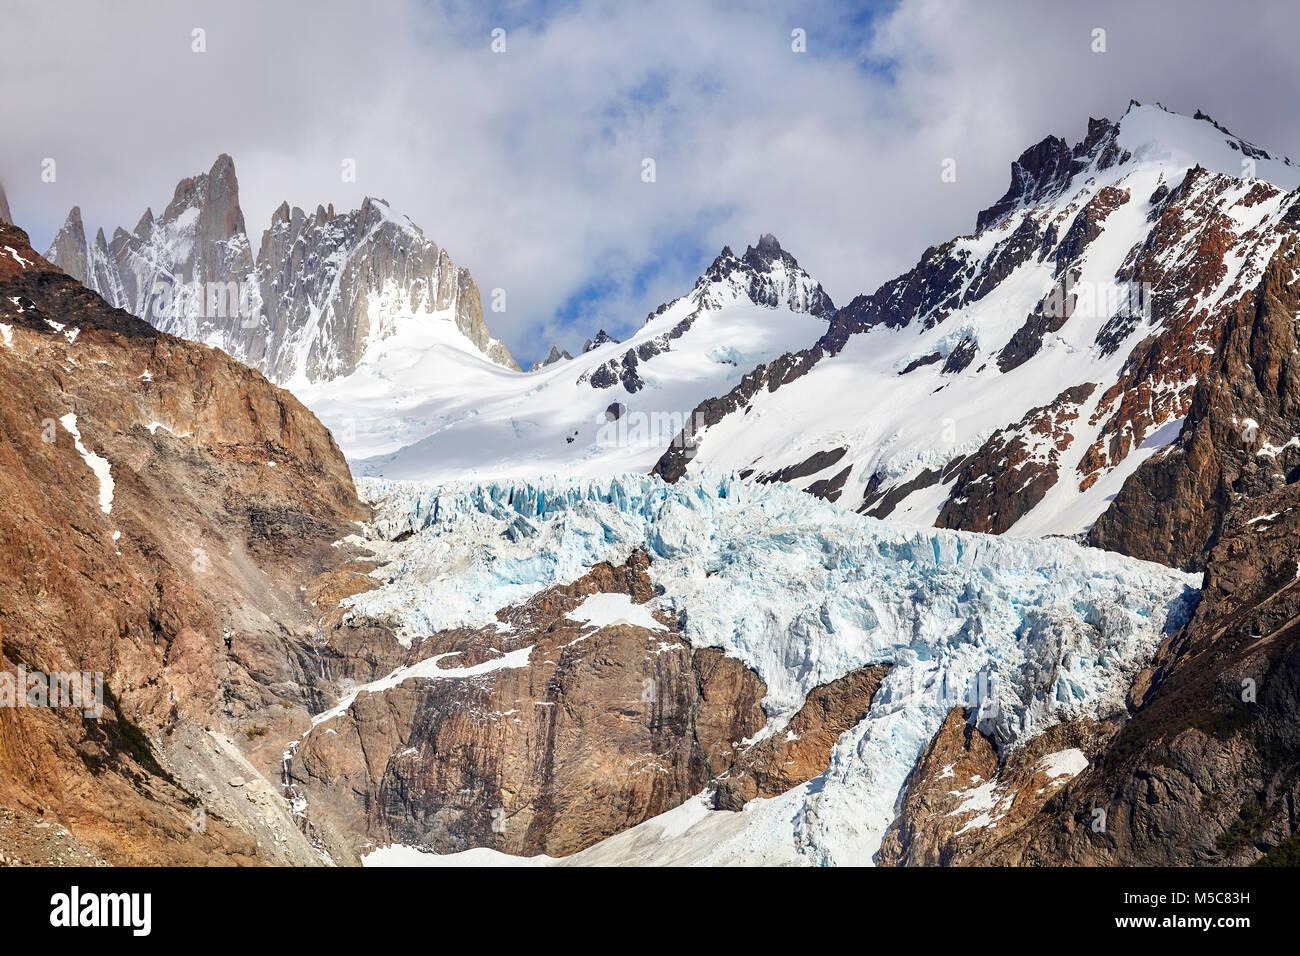 Glaciar en la Cordillera de Fitz Roy, el Parque Nacional Los Glaciares, Argentina. Imagen De Stock